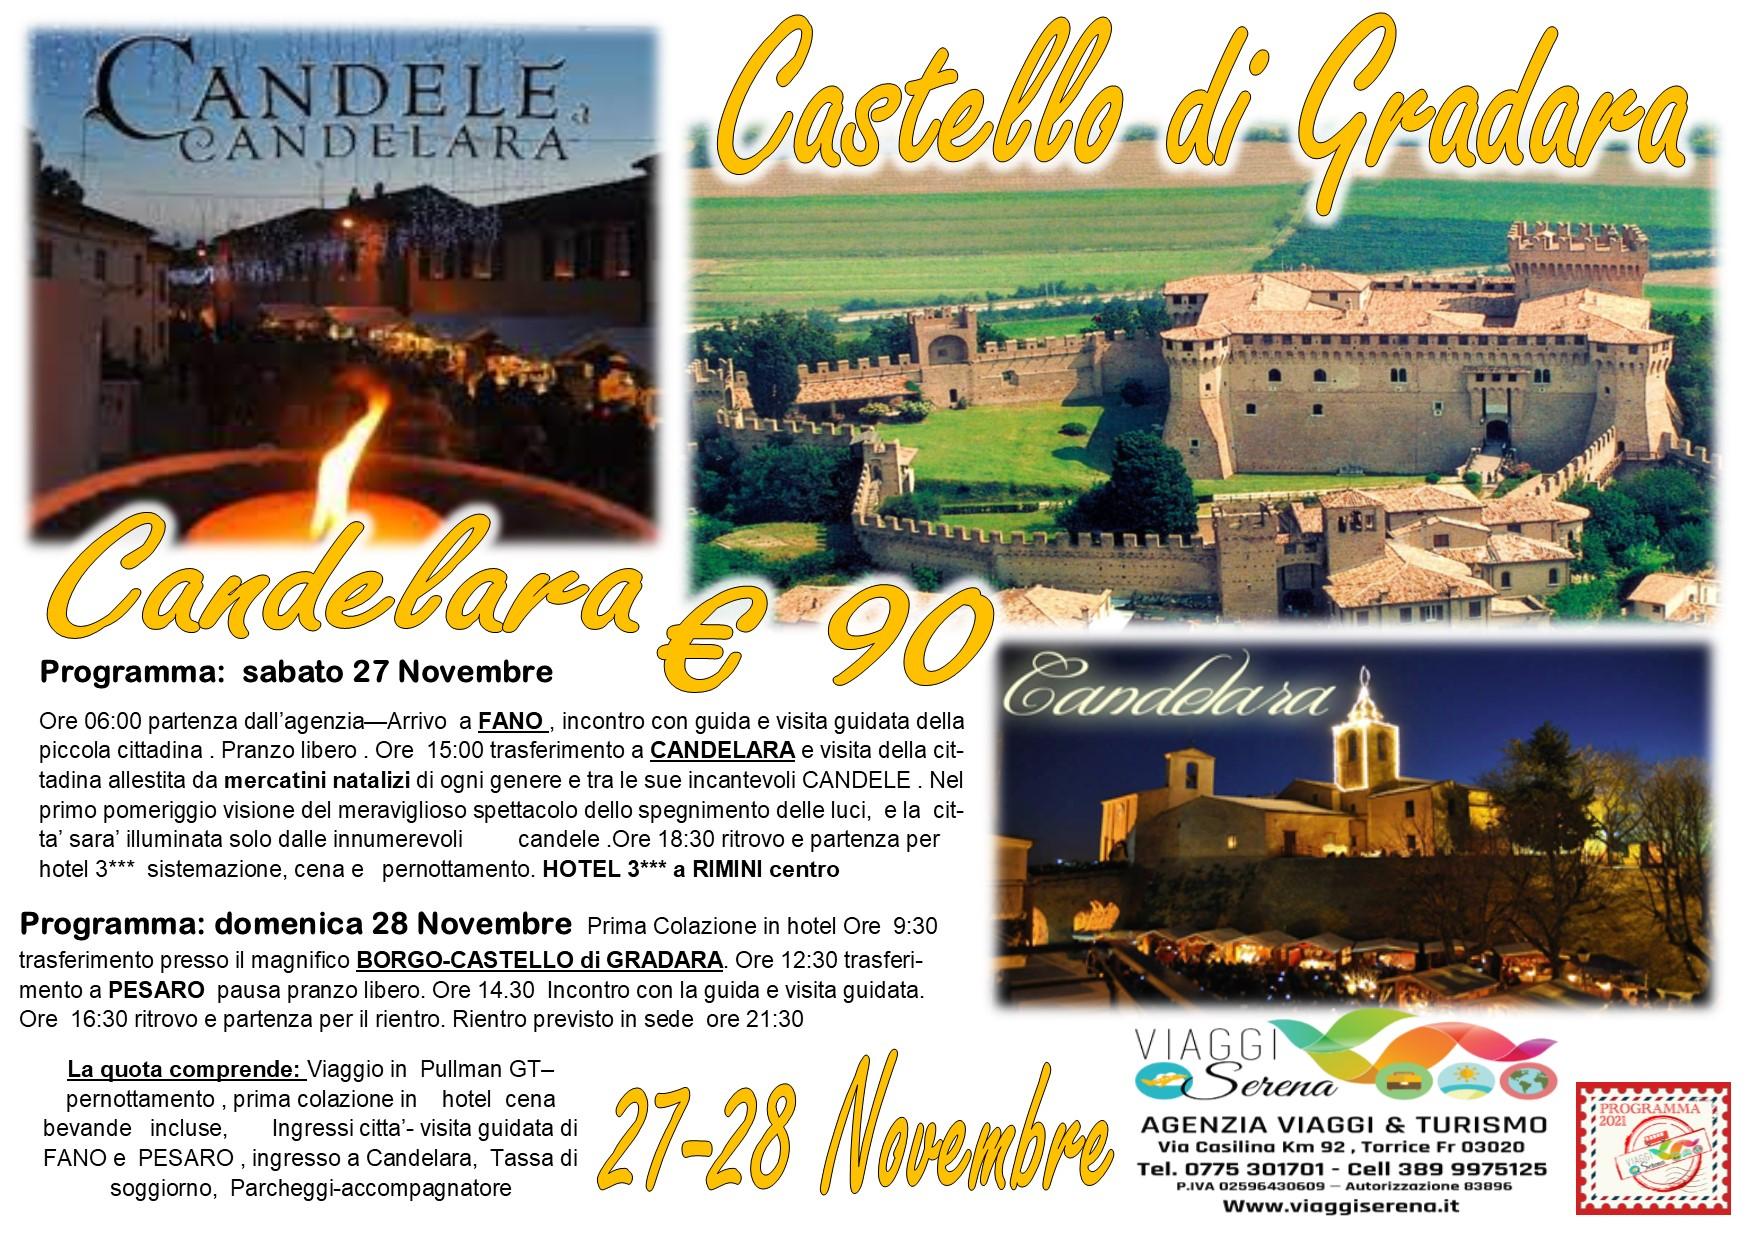 Viaggi di Gruppo: Mercatini di Candelara, Fano & Pesaro 27-28 Novembre € 90,00